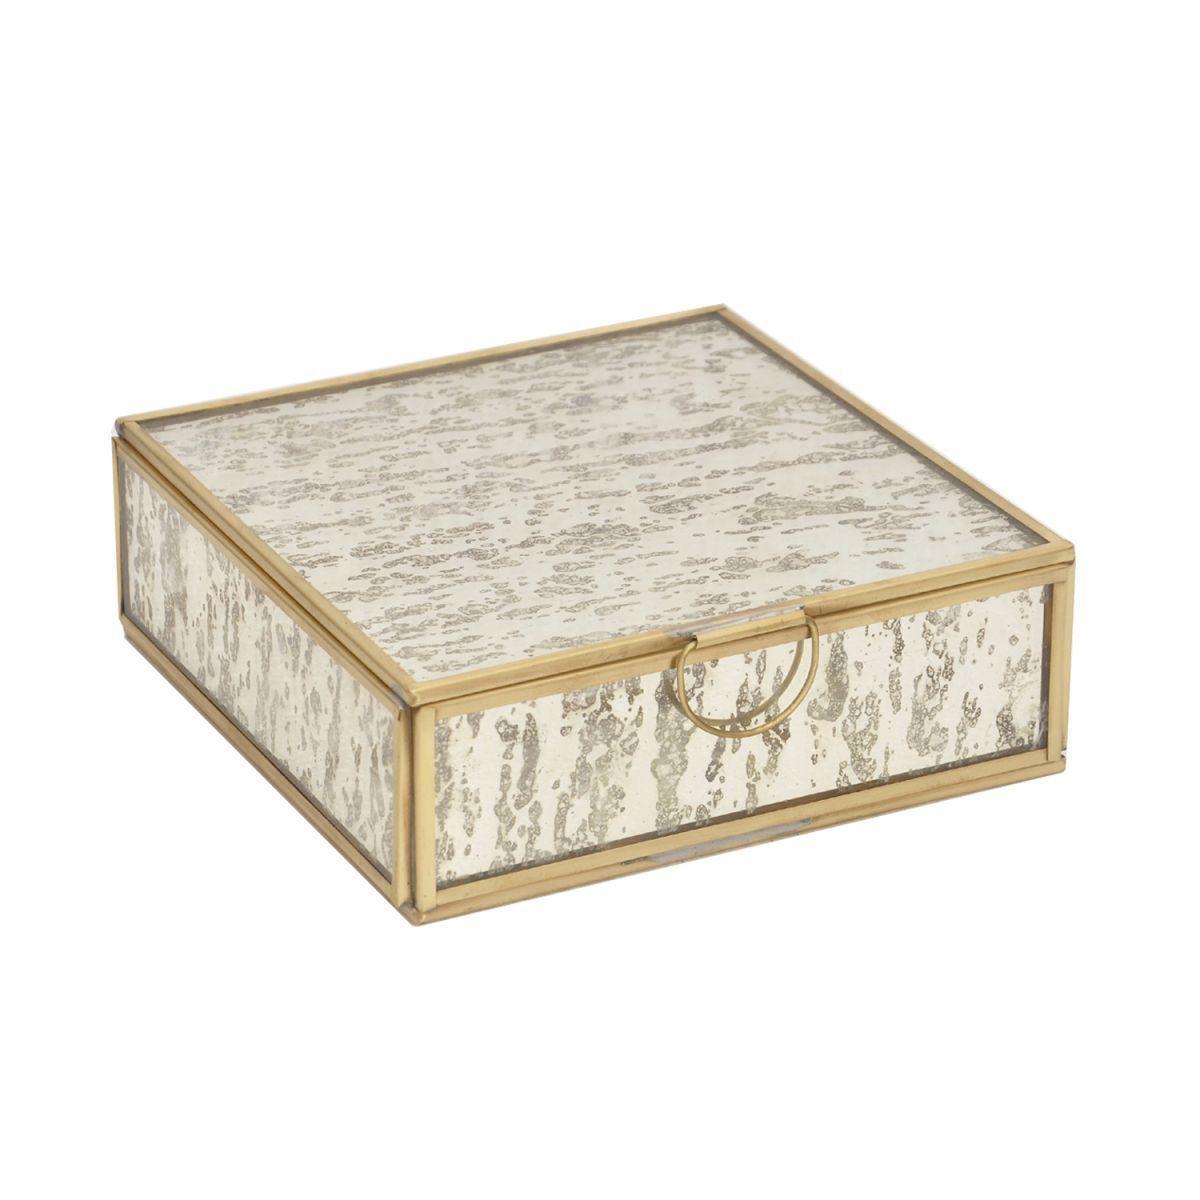 storagebox machined mirrorglass brass shade square 16x16x5cm